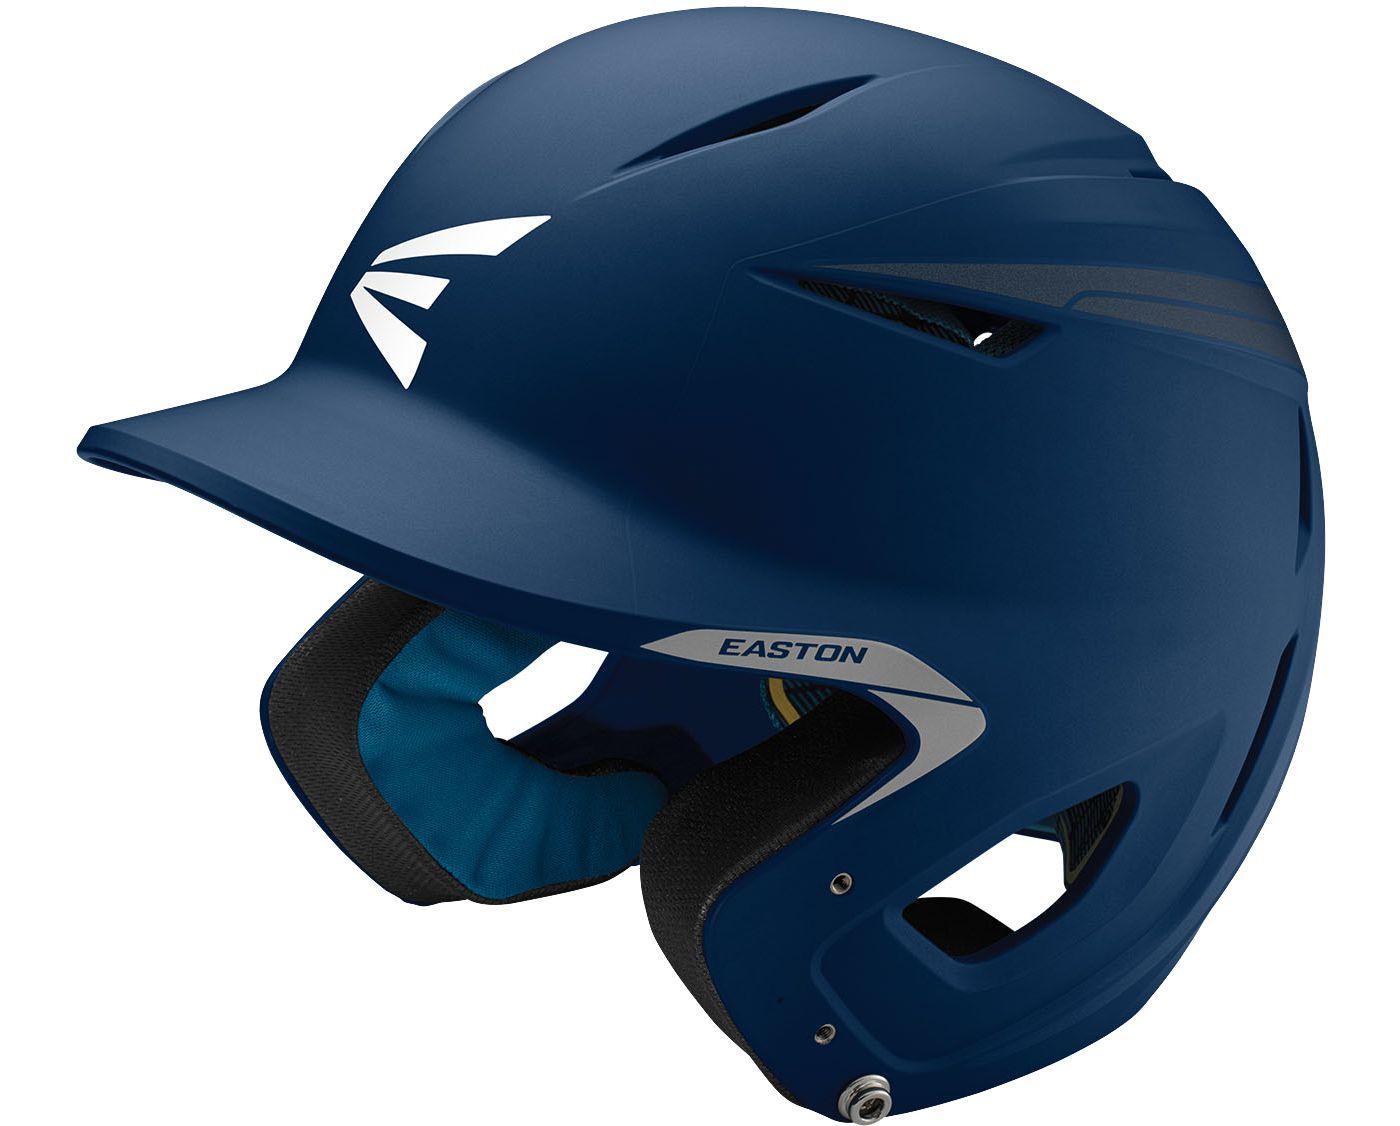 Easton Senior Pro X Matte Batting Helmet